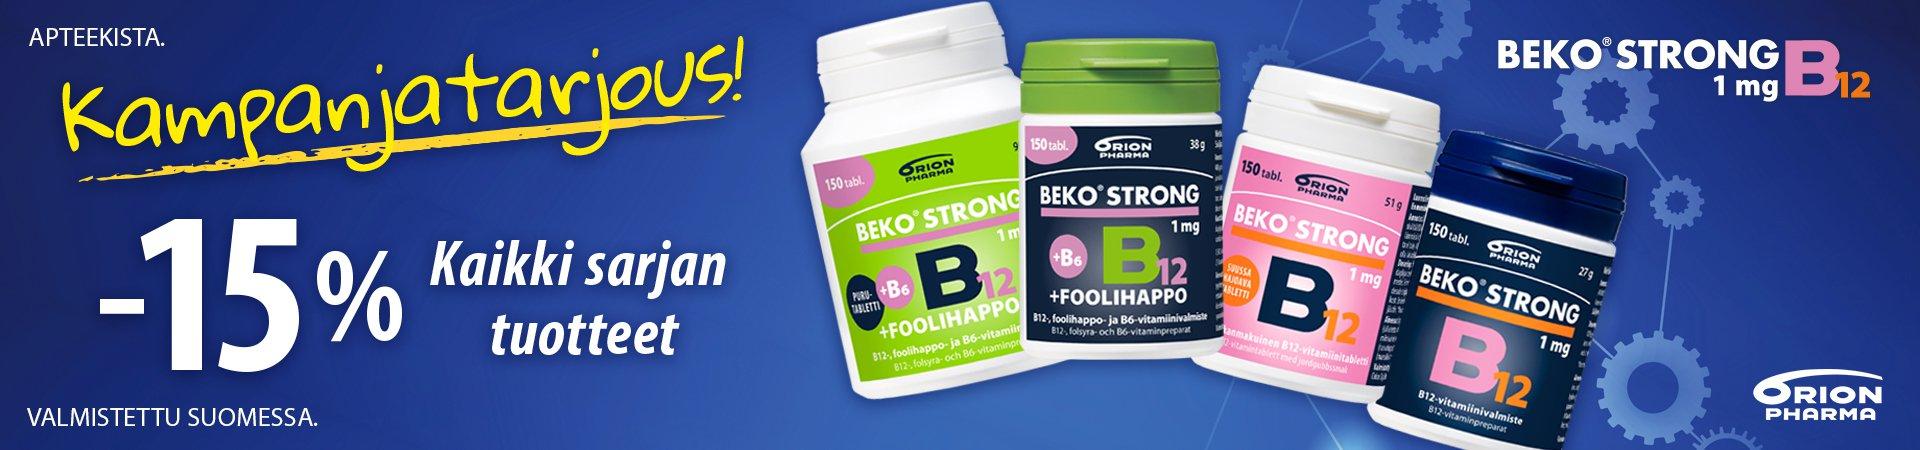 Beko strong B12